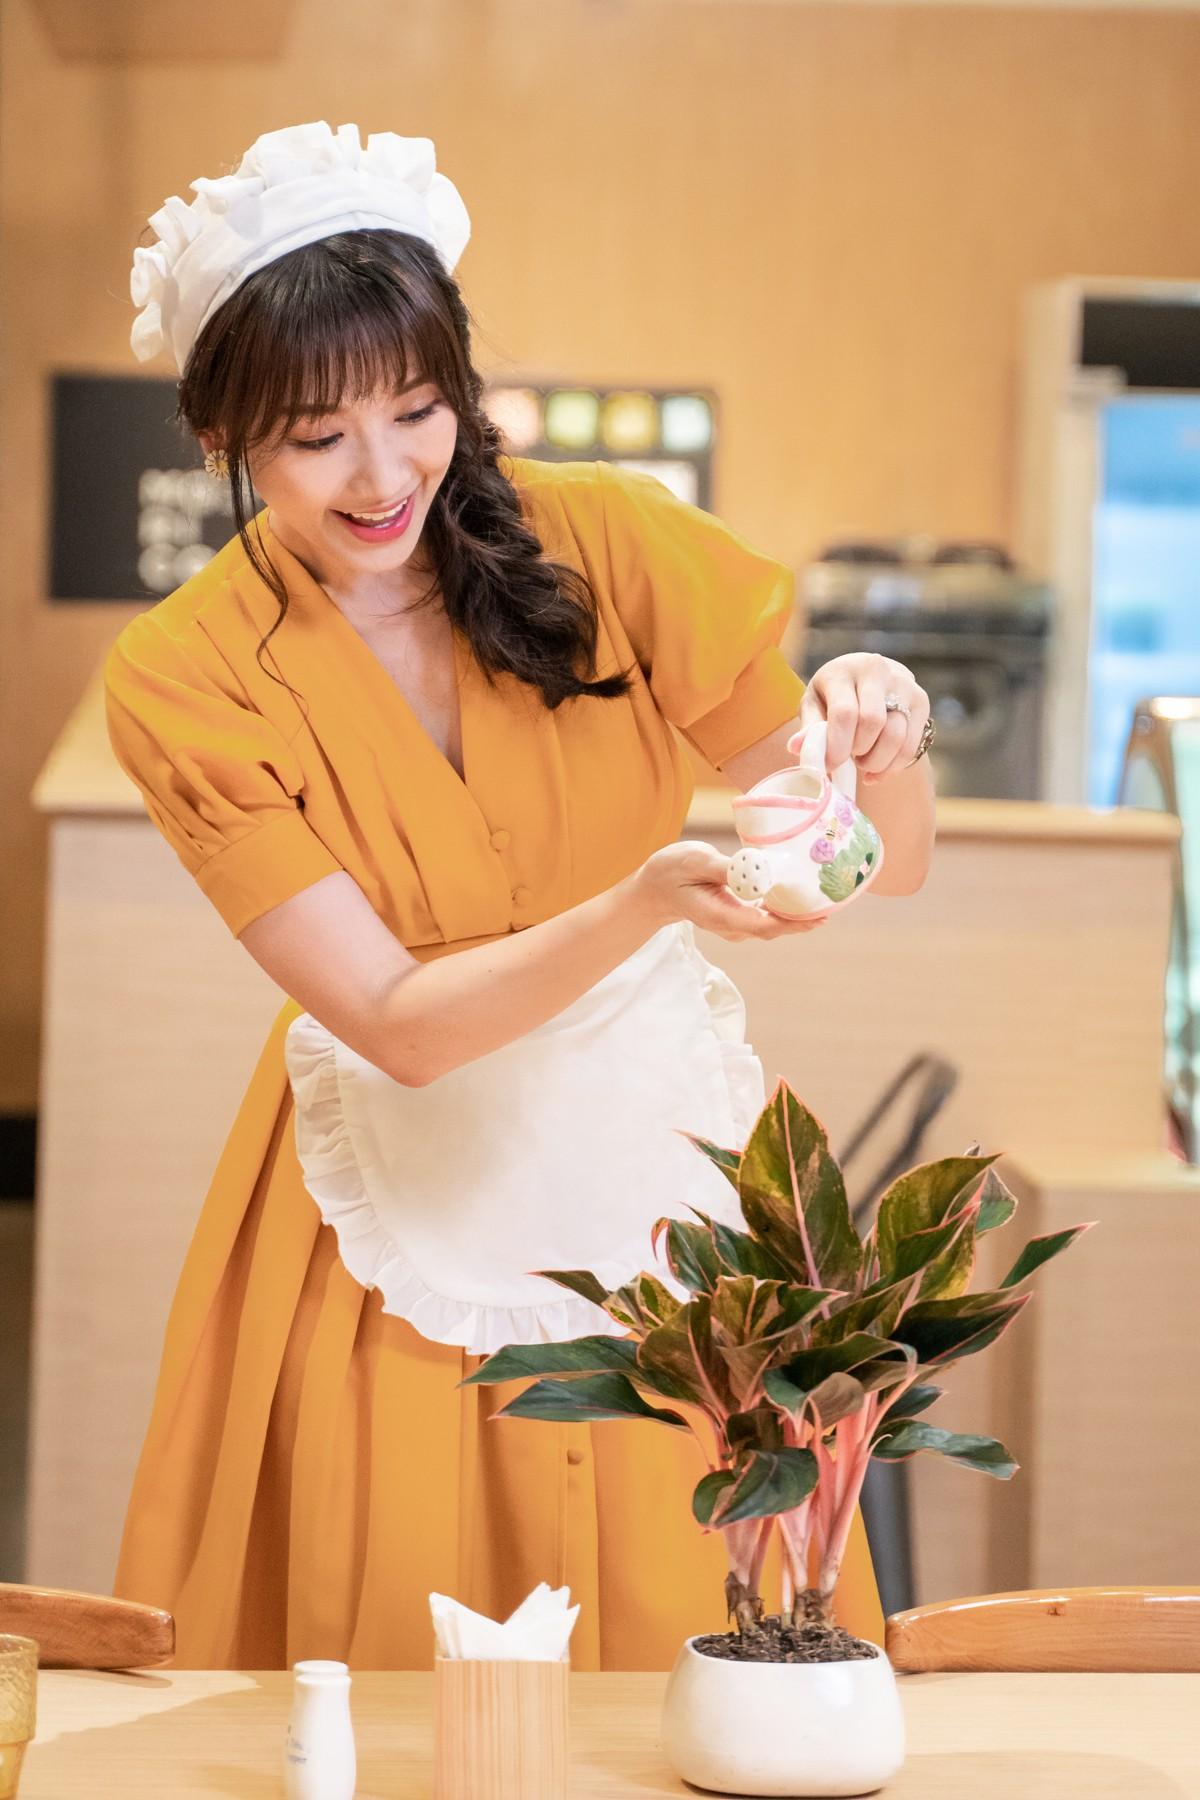 Làm nữ phục vụ xinh xắn, Hari Won bị than phiền vì thường xuyên xin ăn của đồng nghiệp  - Ảnh 3.